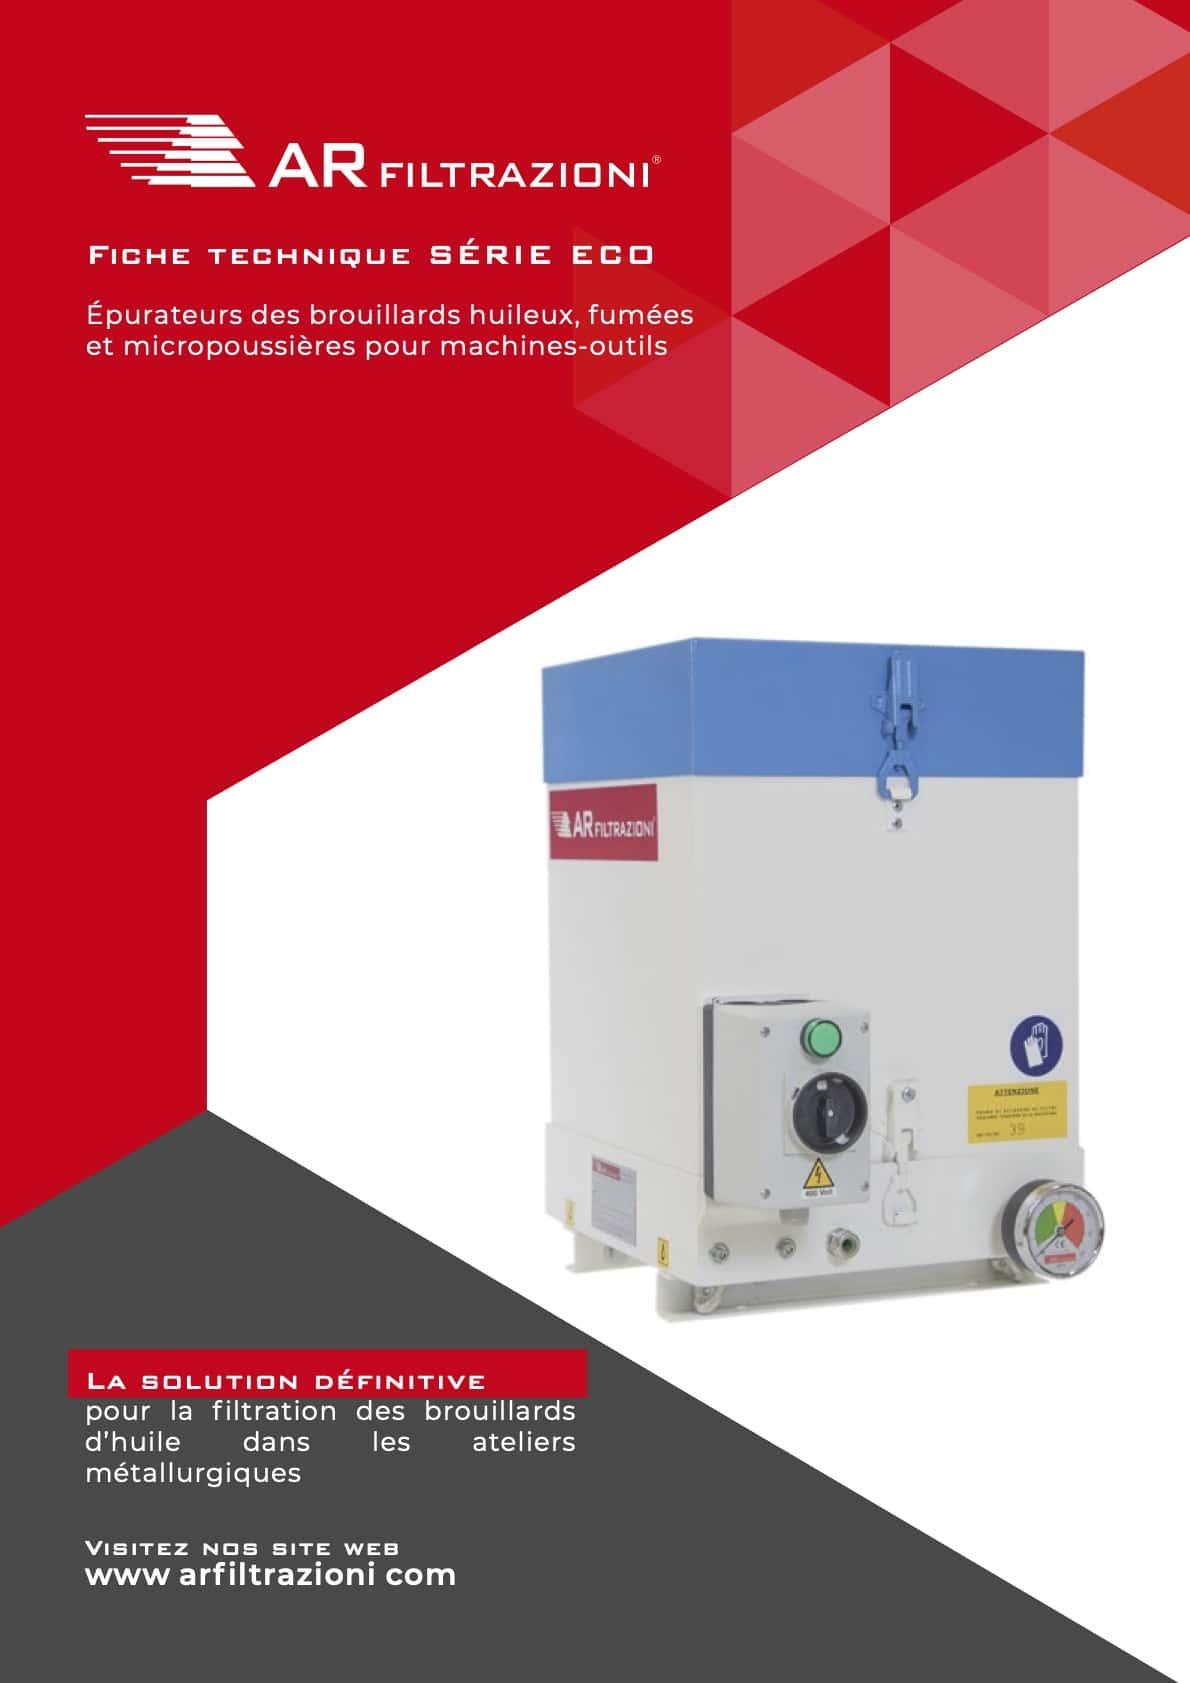 AR Filtrazioni Case History Portfolio Filtrazione Nebbie Oleose ECO – Fiche technique Aspiration industrielle et Filtration de brouillard d'huile AR Filtrazioni